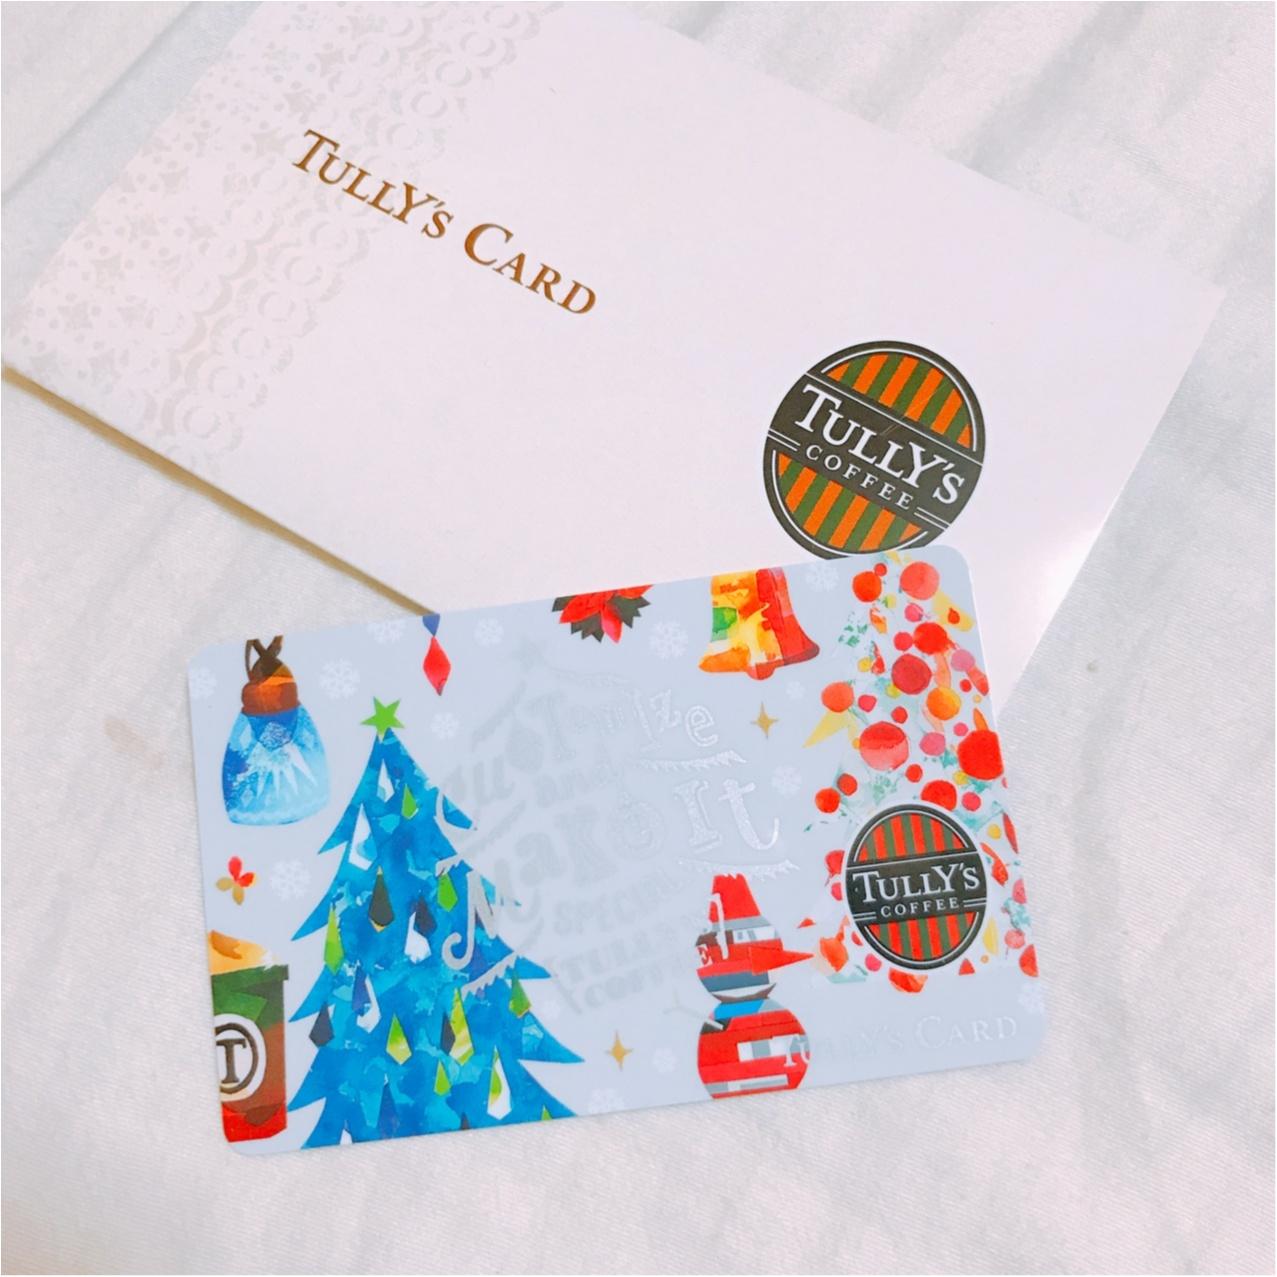 もらって嬉しい♪ クリスマス限定デザインの【タリーズカード】♡_2